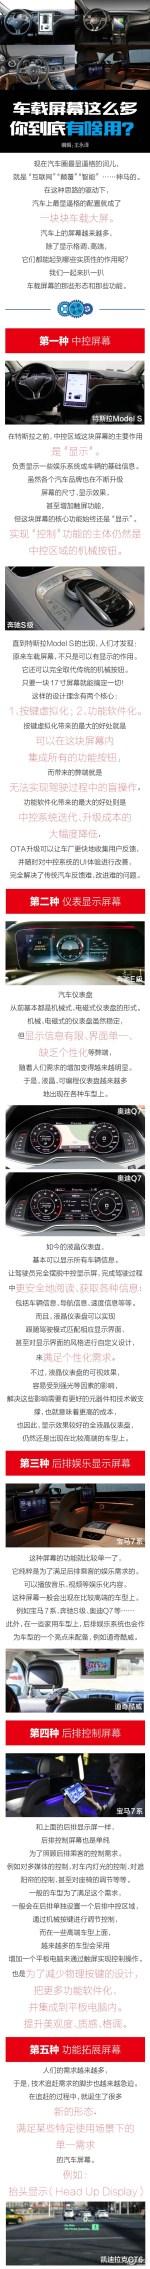 车载屏幕这么多 你们到底有啥用?